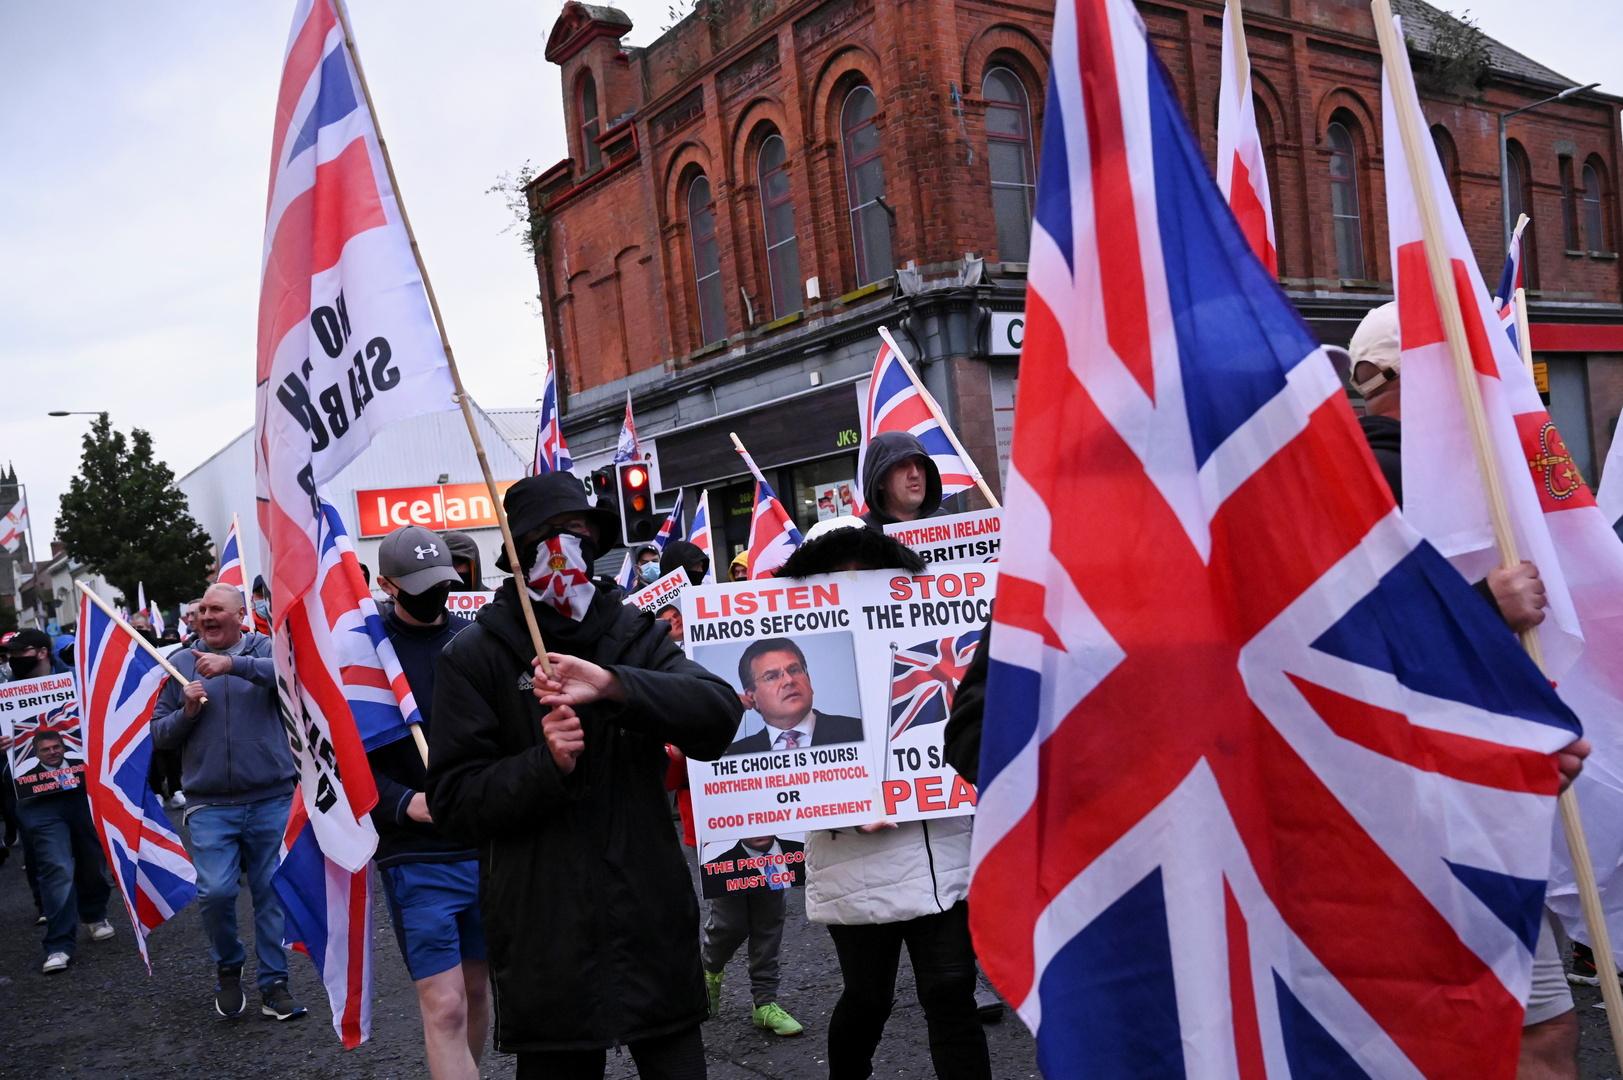 استطلاع يظهر عدم رضا البريطانيين عن خروج بلادهم من الاتحاد الأوروبي